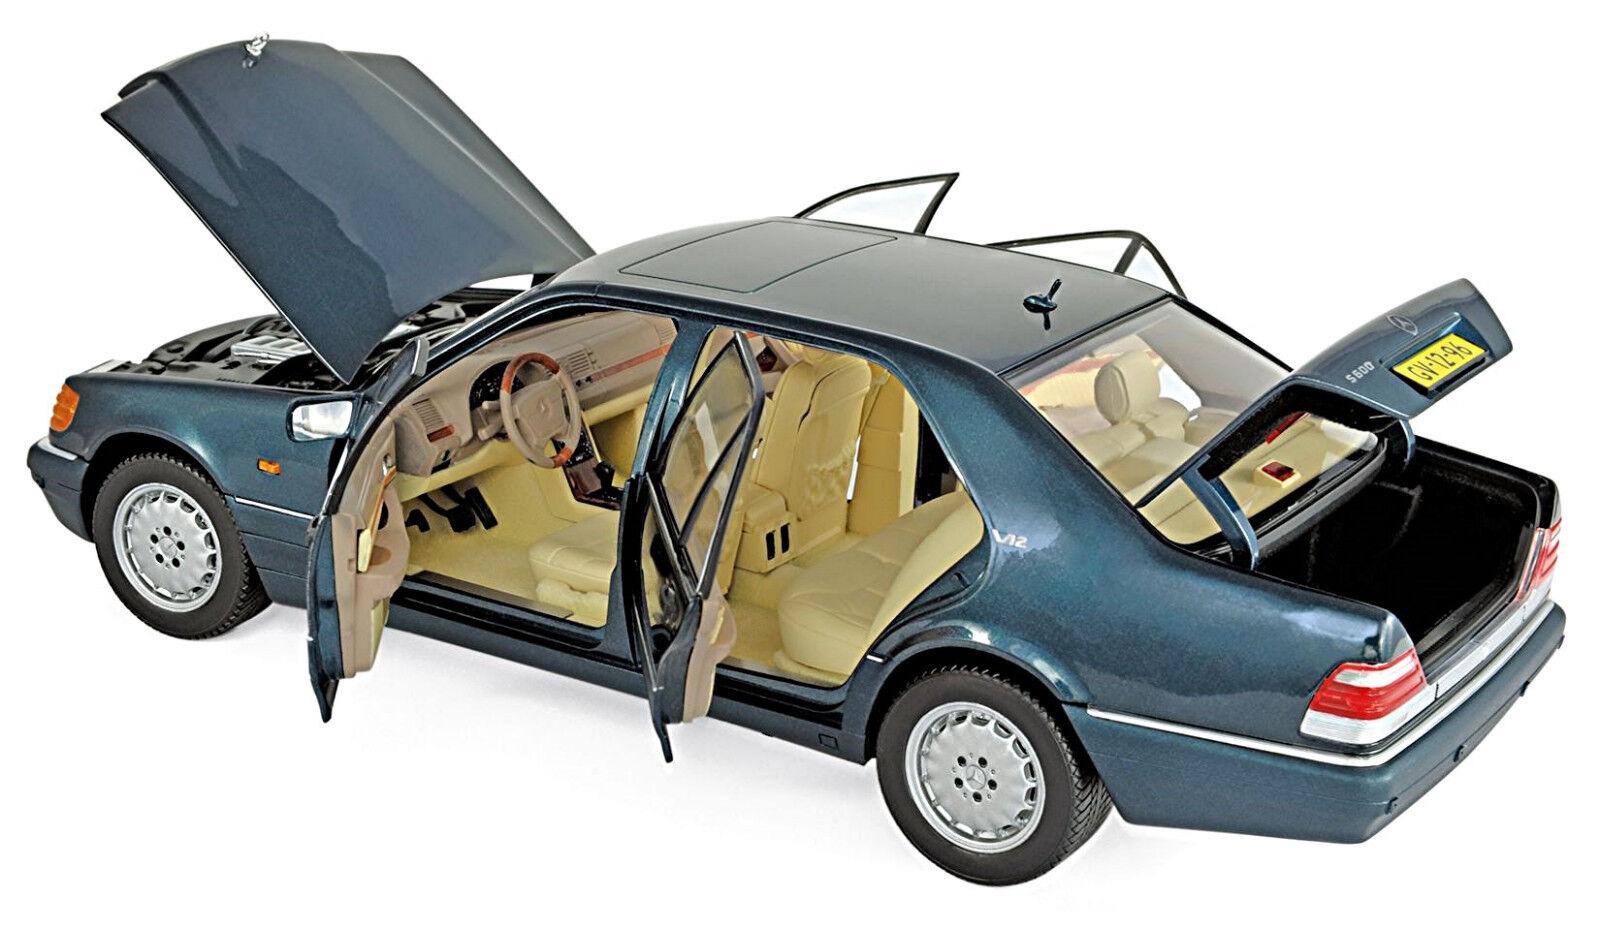 Mercedes - - - Benz Clase s 600 w140 cirugía plástica 1994 - 98 verde verde Met - LICO 2018 1  18 3cf